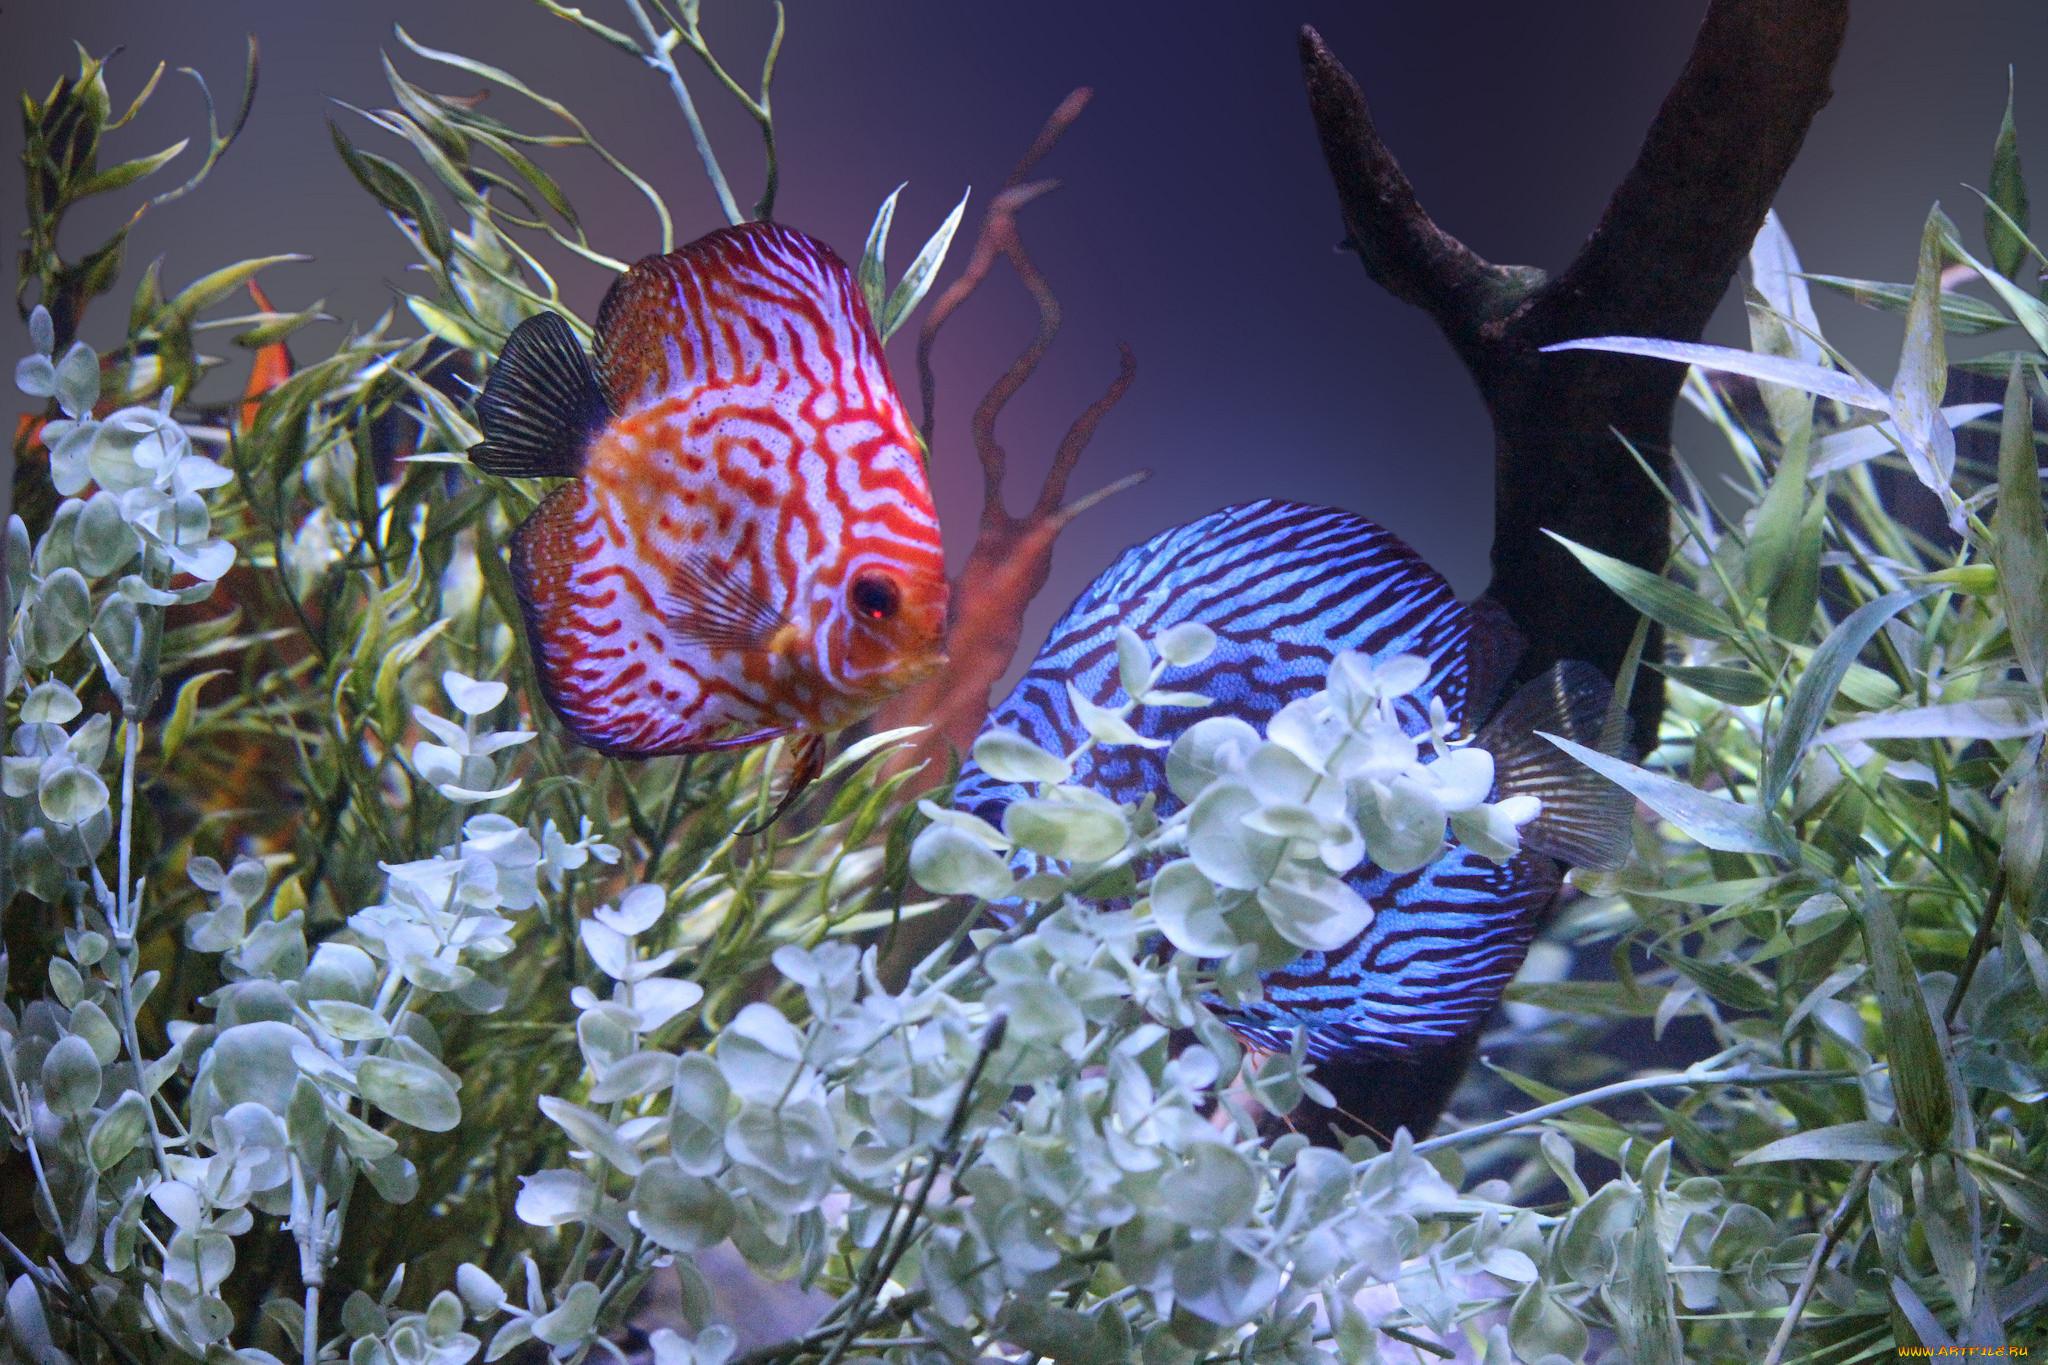 цветы картинки с рыбками коломна является одним